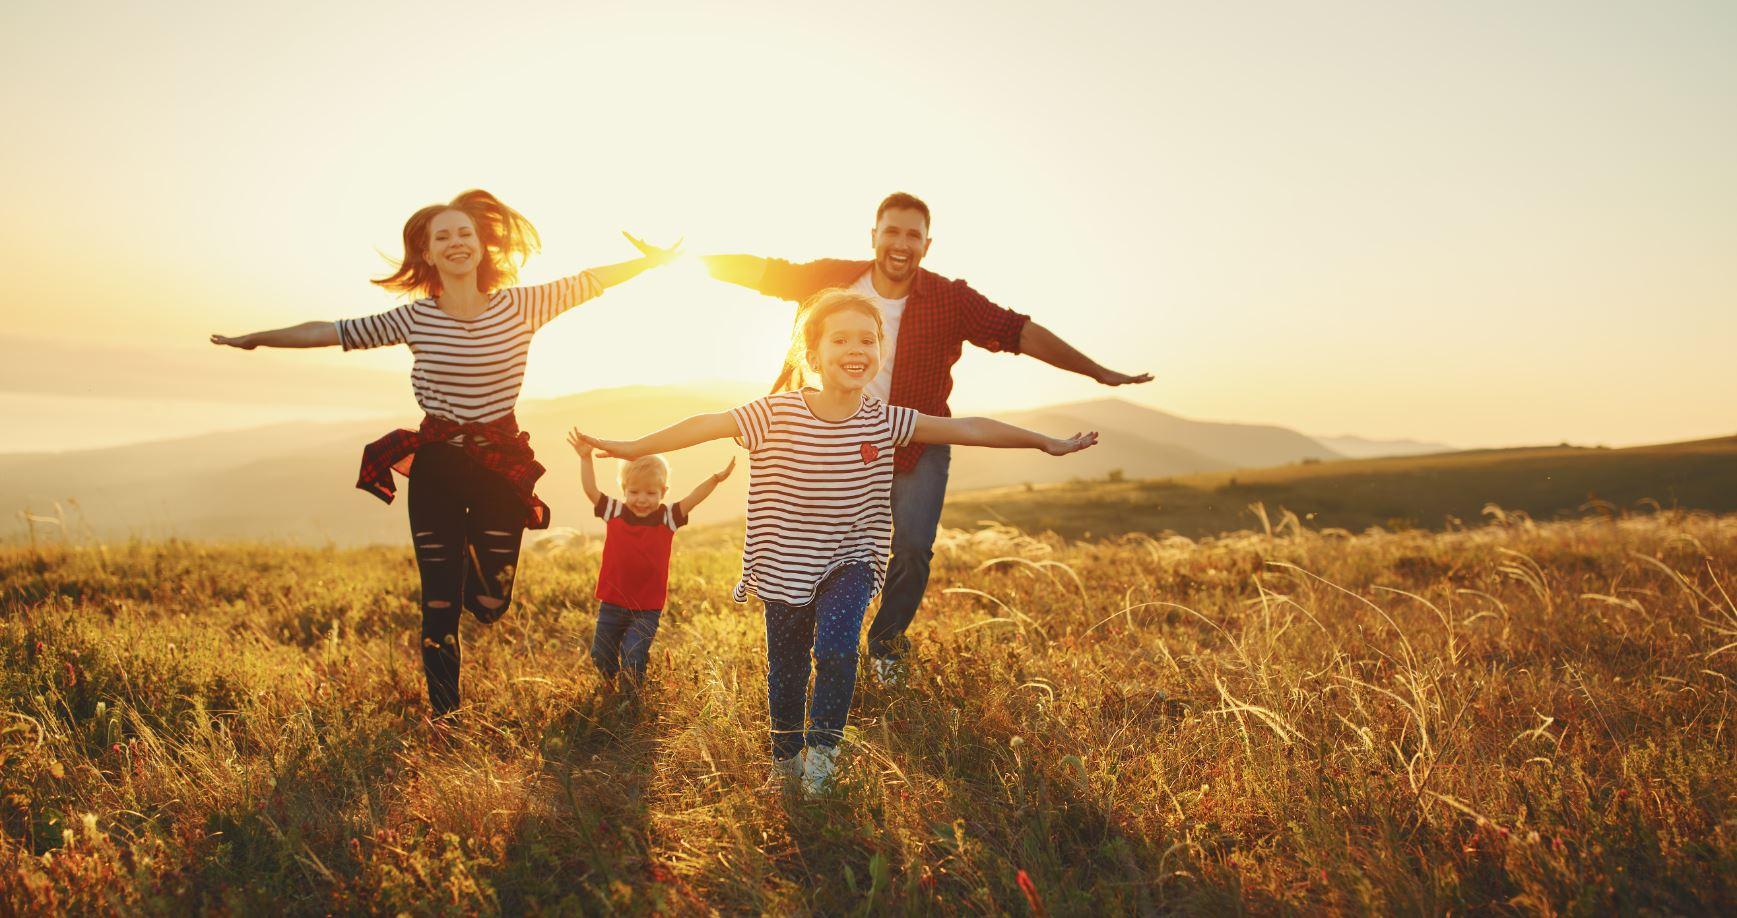 Familie im Sonnenuntergang auf einem Feld